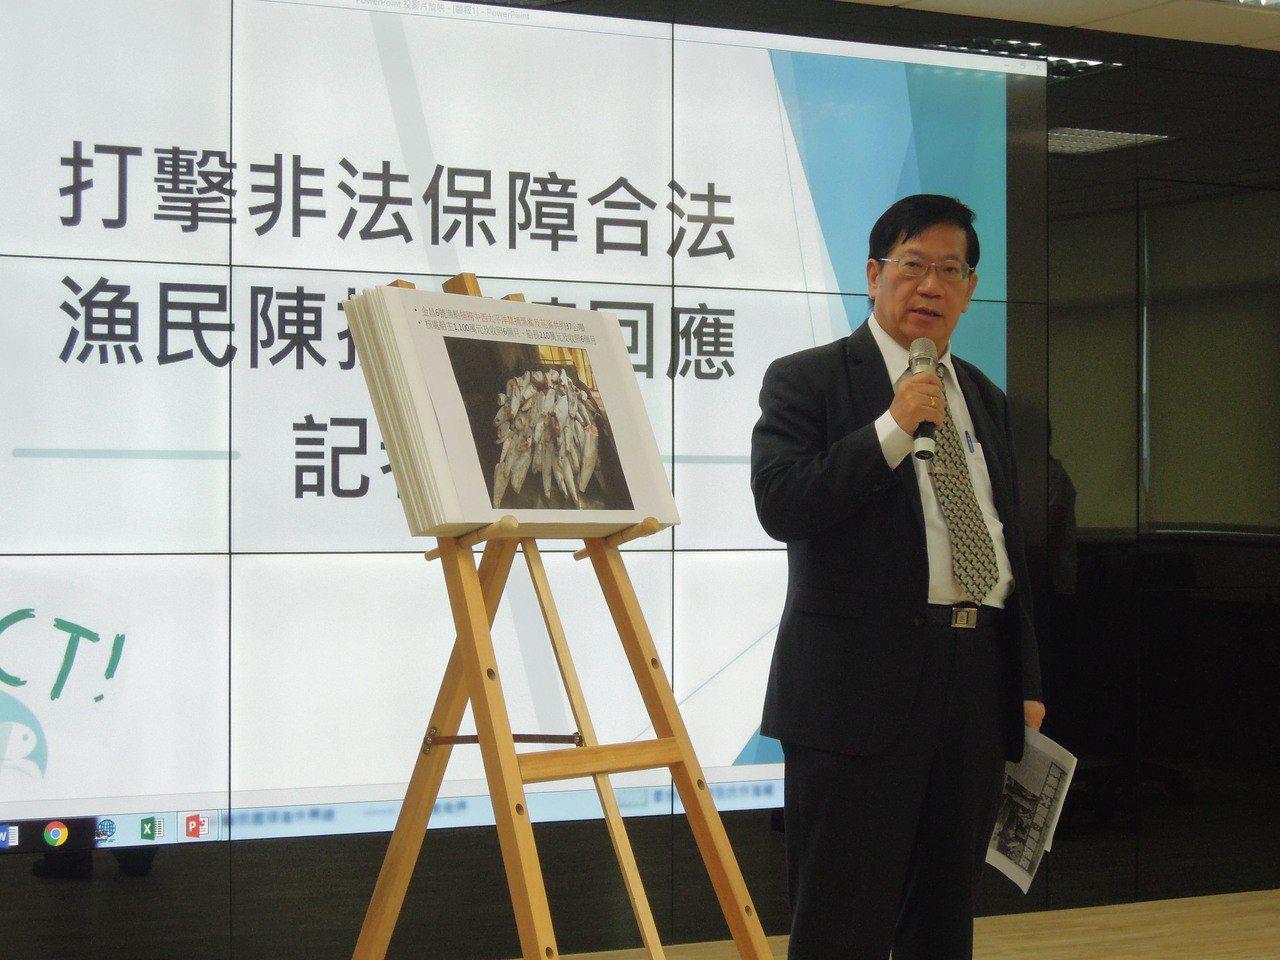 不滿遠洋漁業條例等漁業三法罰緩過高,漁民將到台北抗議。漁業署長黃鴻燕指出,修改遠...